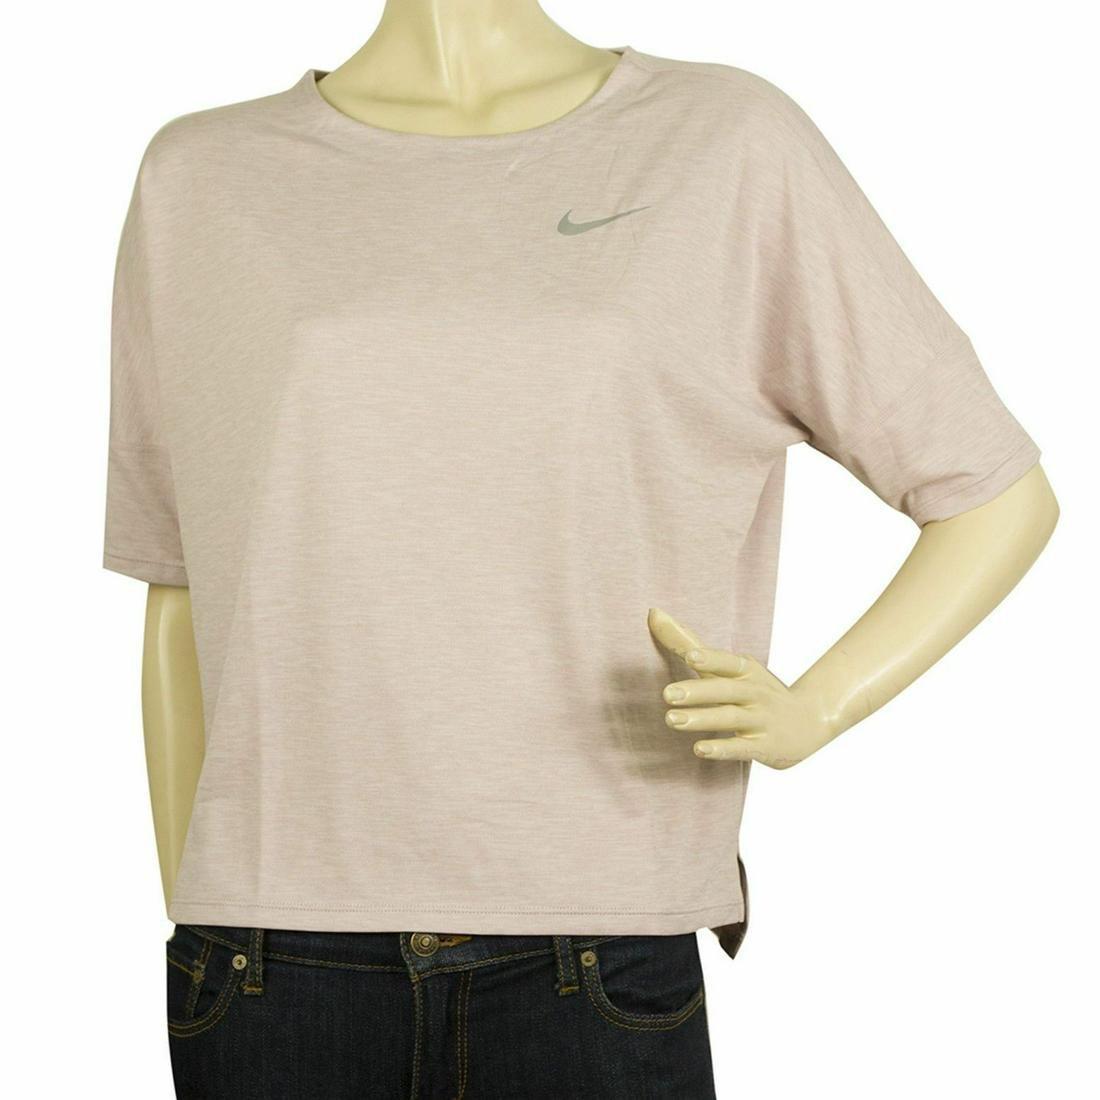 Nike Dri - Fit Light Purple T-shirt short sleeve Loose